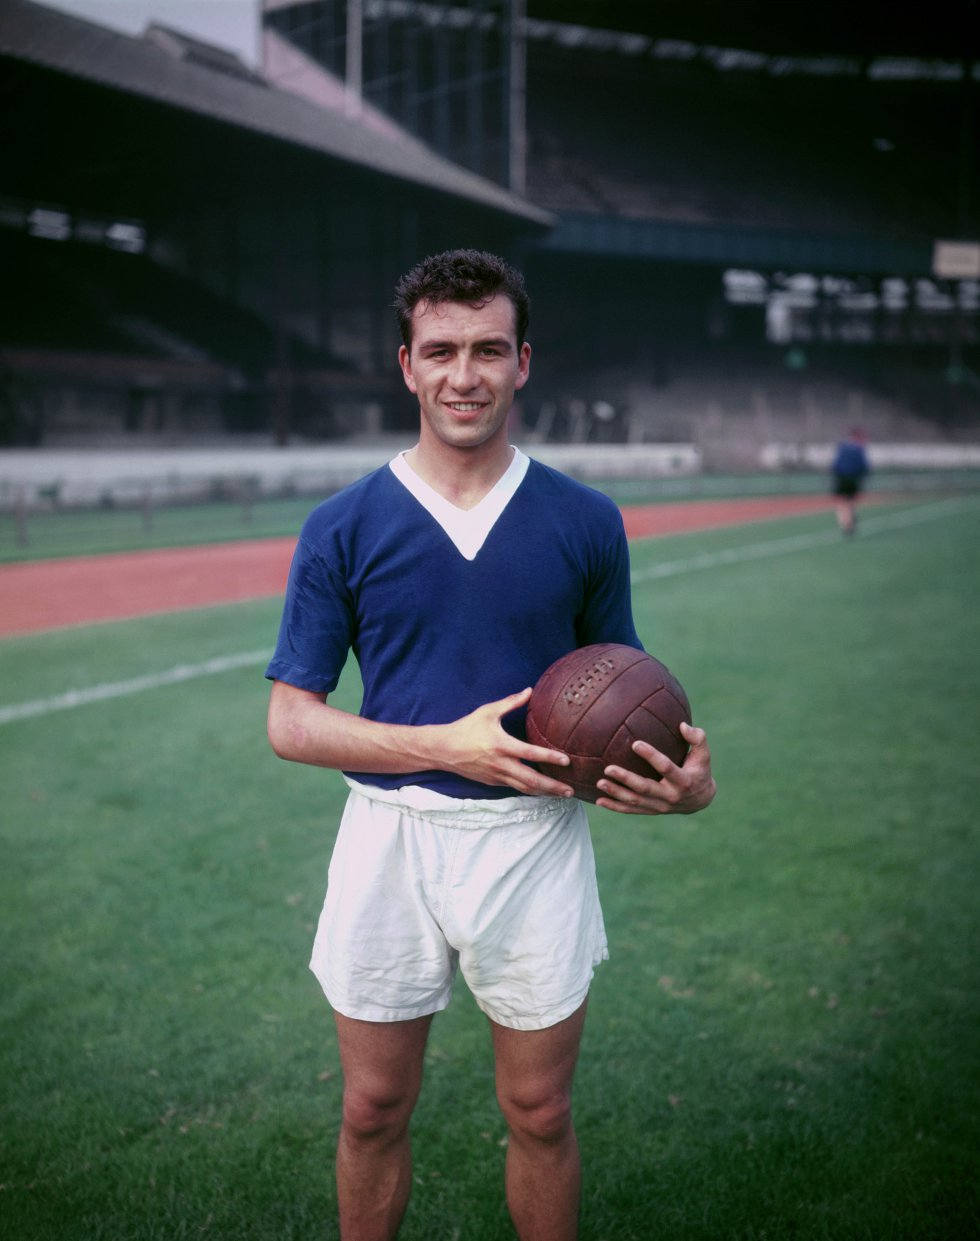 Peter Brabrook, campeón con el Chelsea FC en la temporada 1954 - 1955.